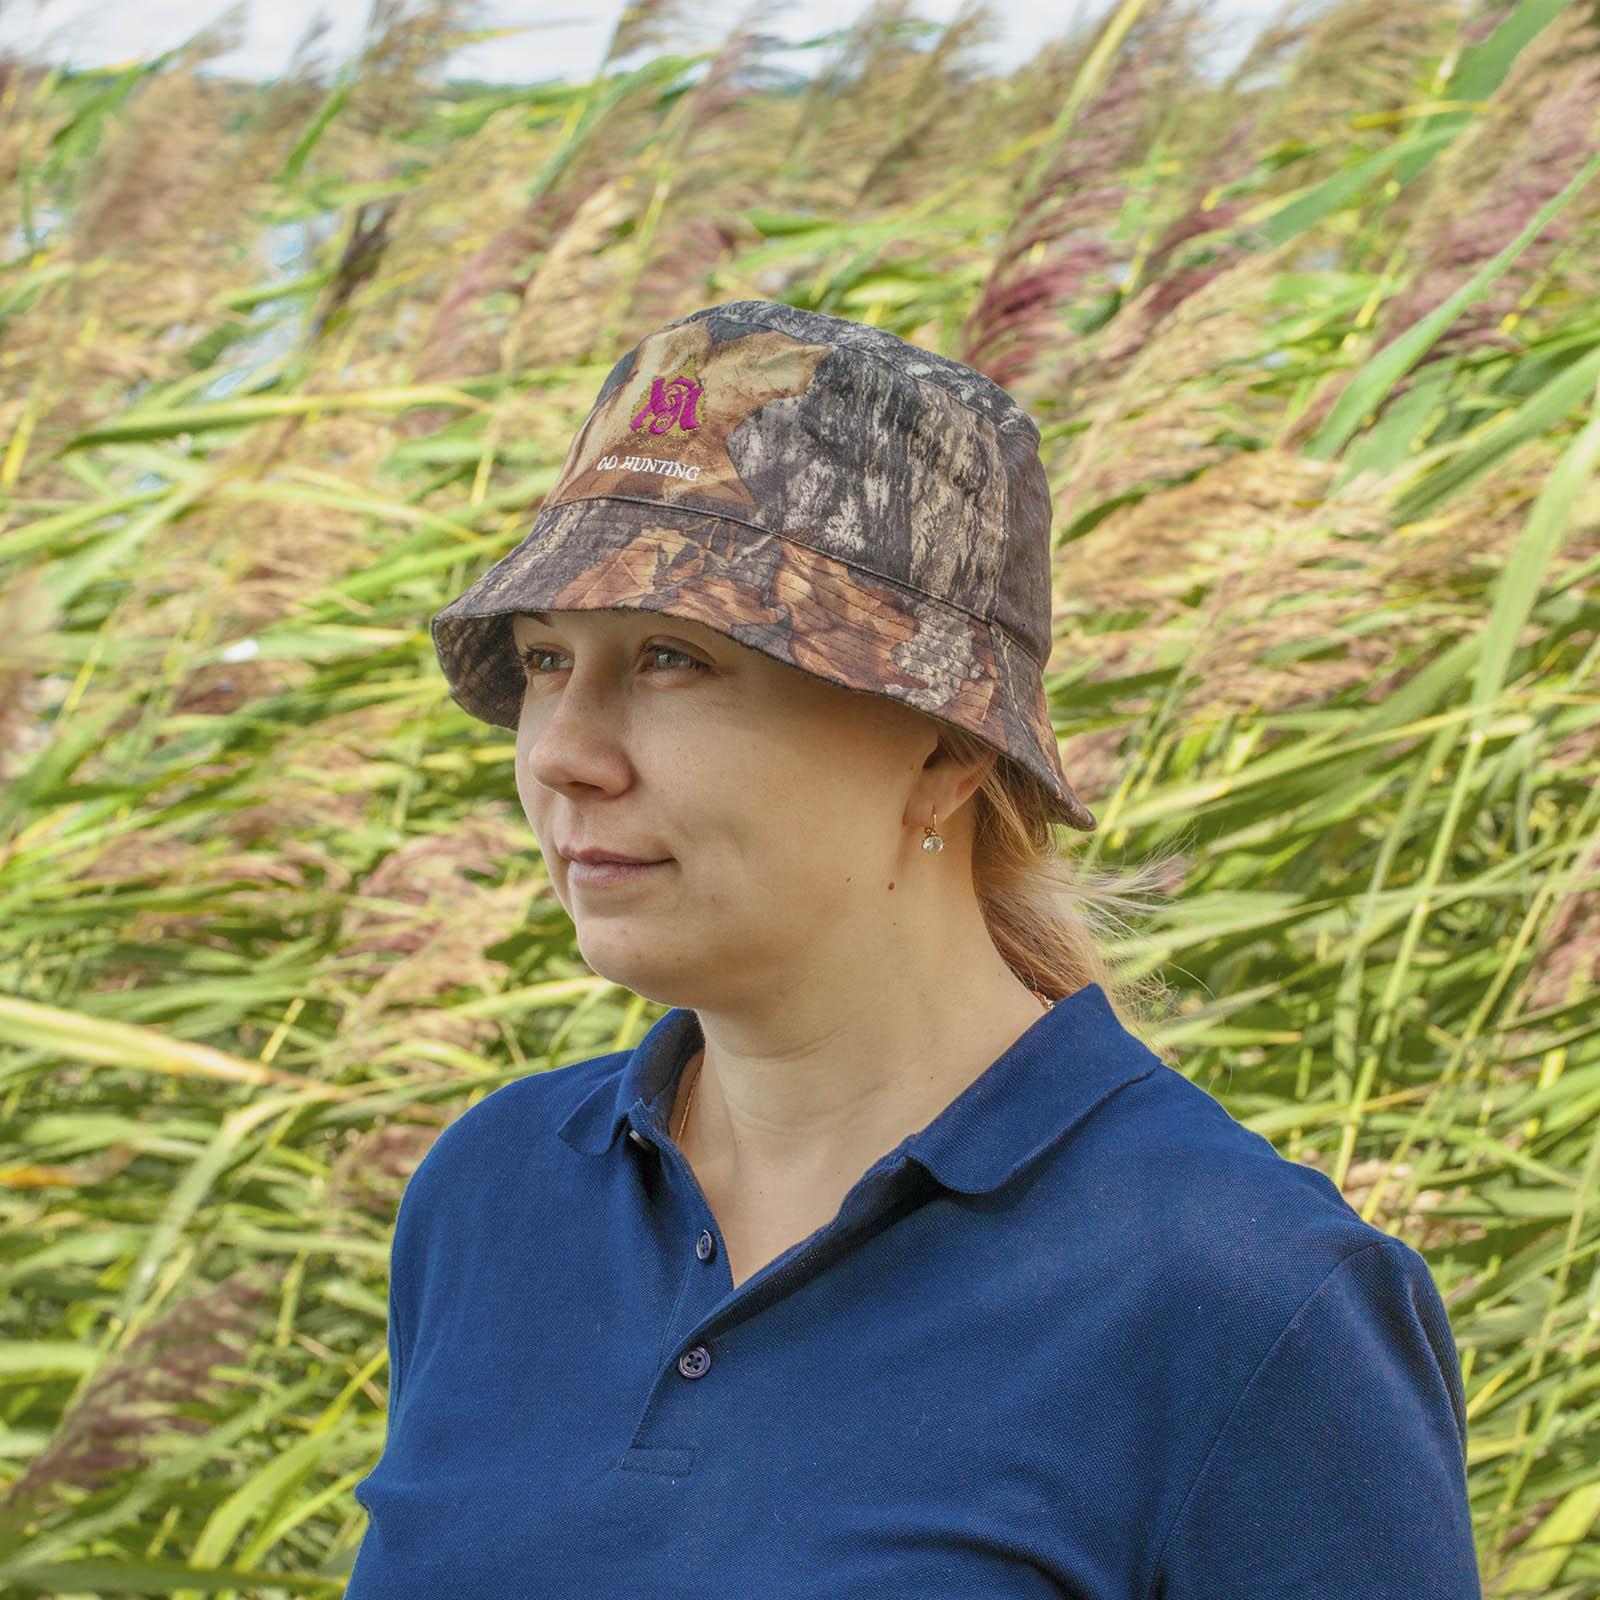 Купить в Военпро камуфляжную панаму Go Hunting для охотника, рыбака, туриста